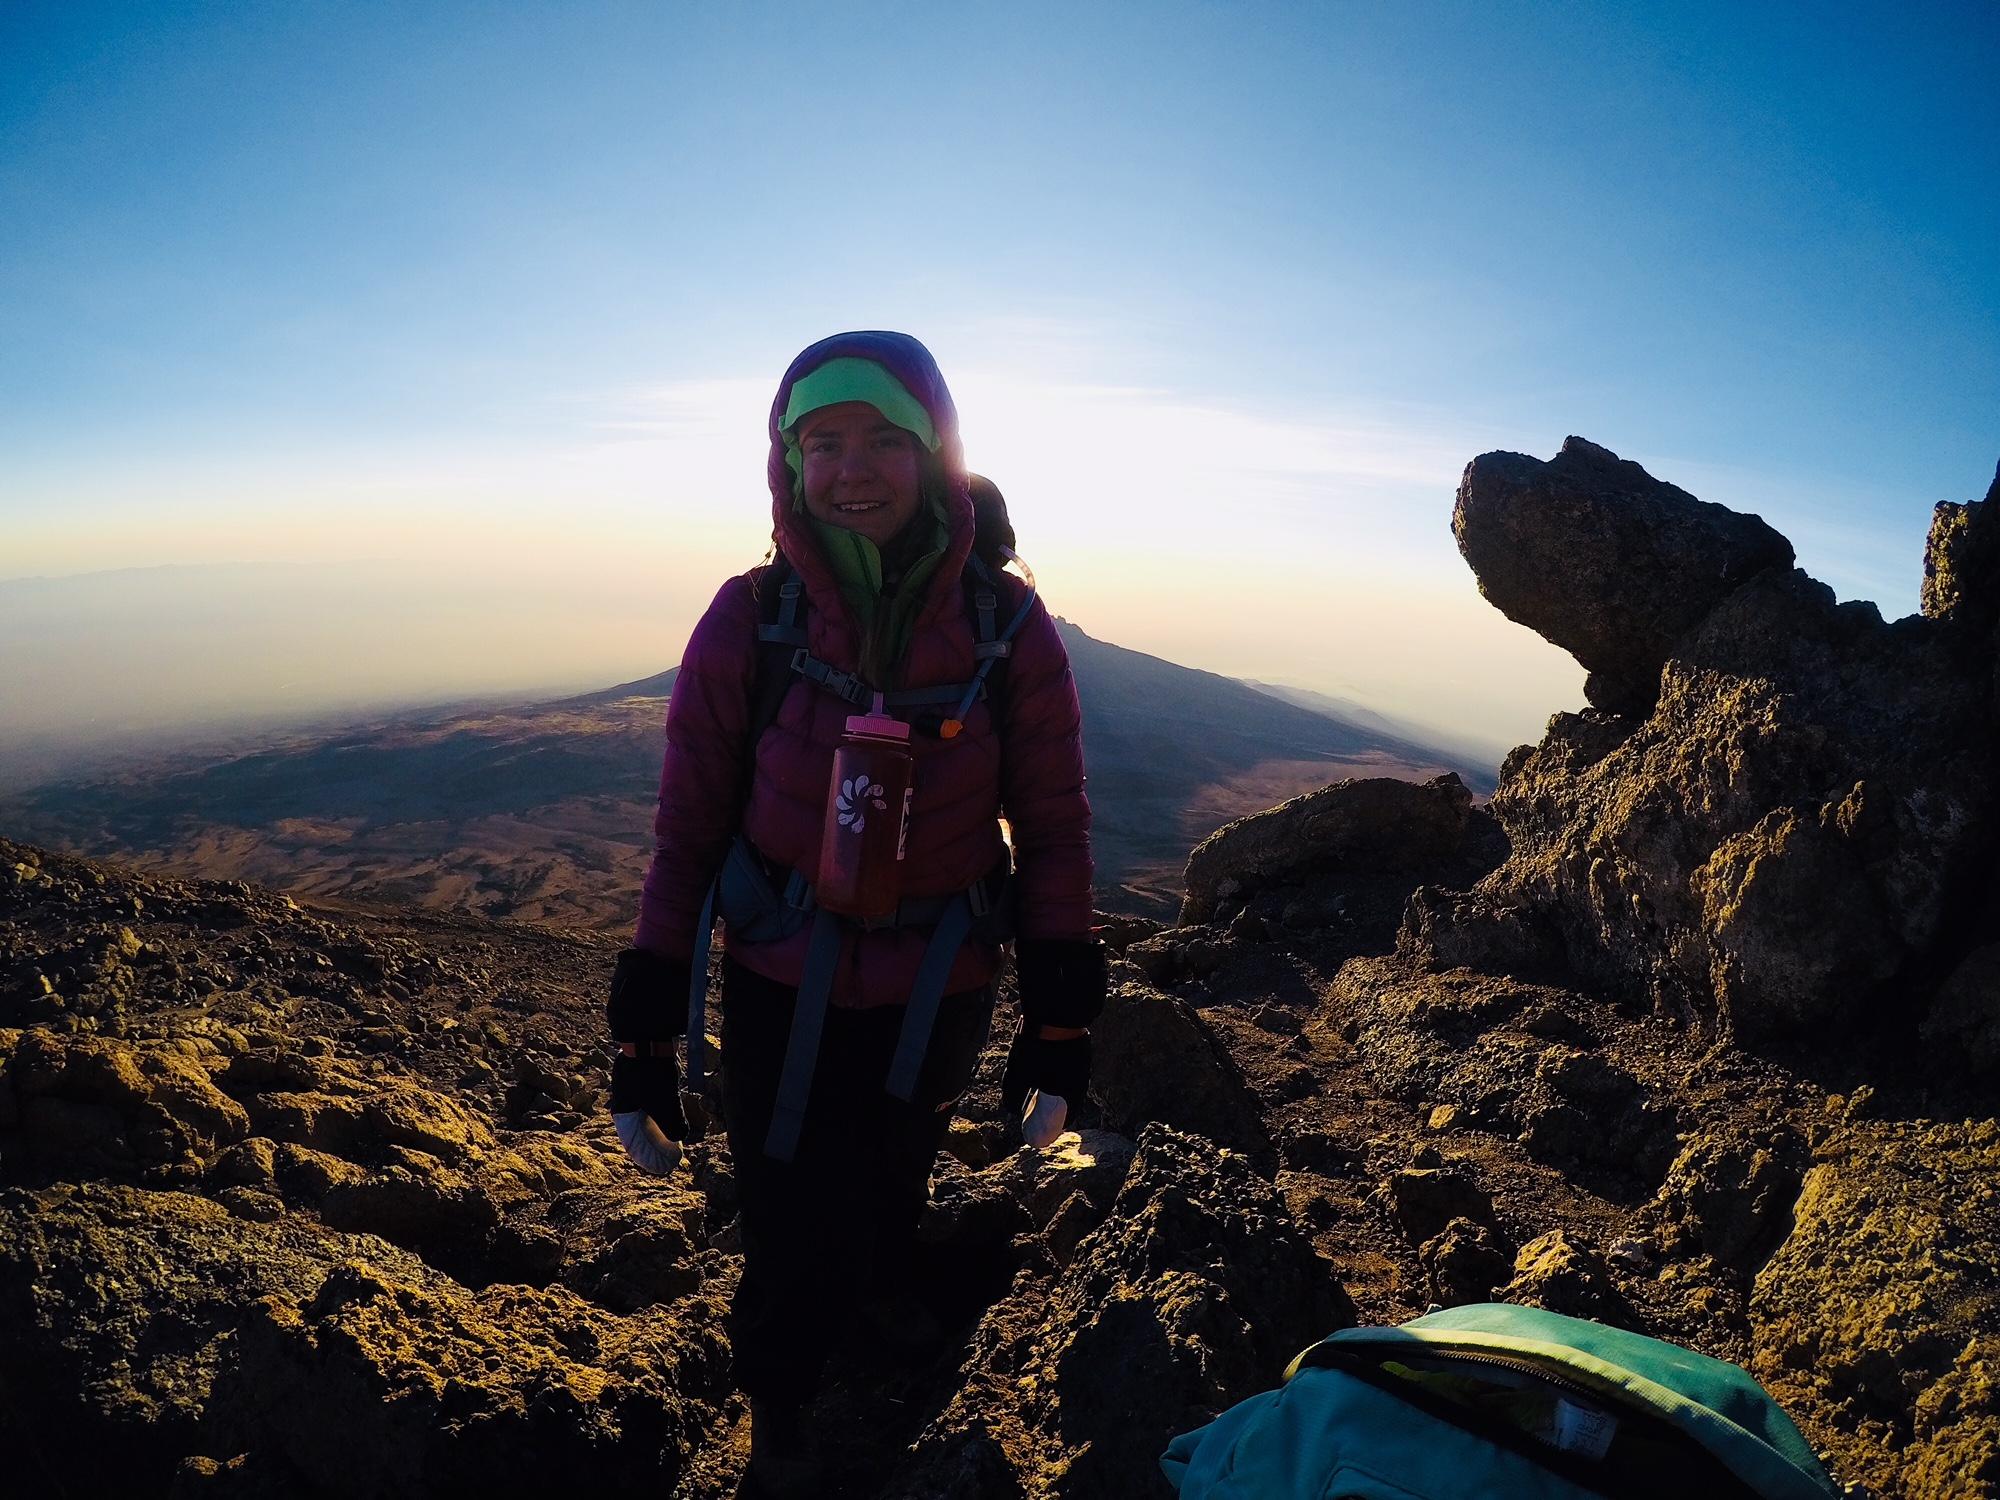 vuorikiipeilyn aloittamisessa tärkeää ovat varusteet